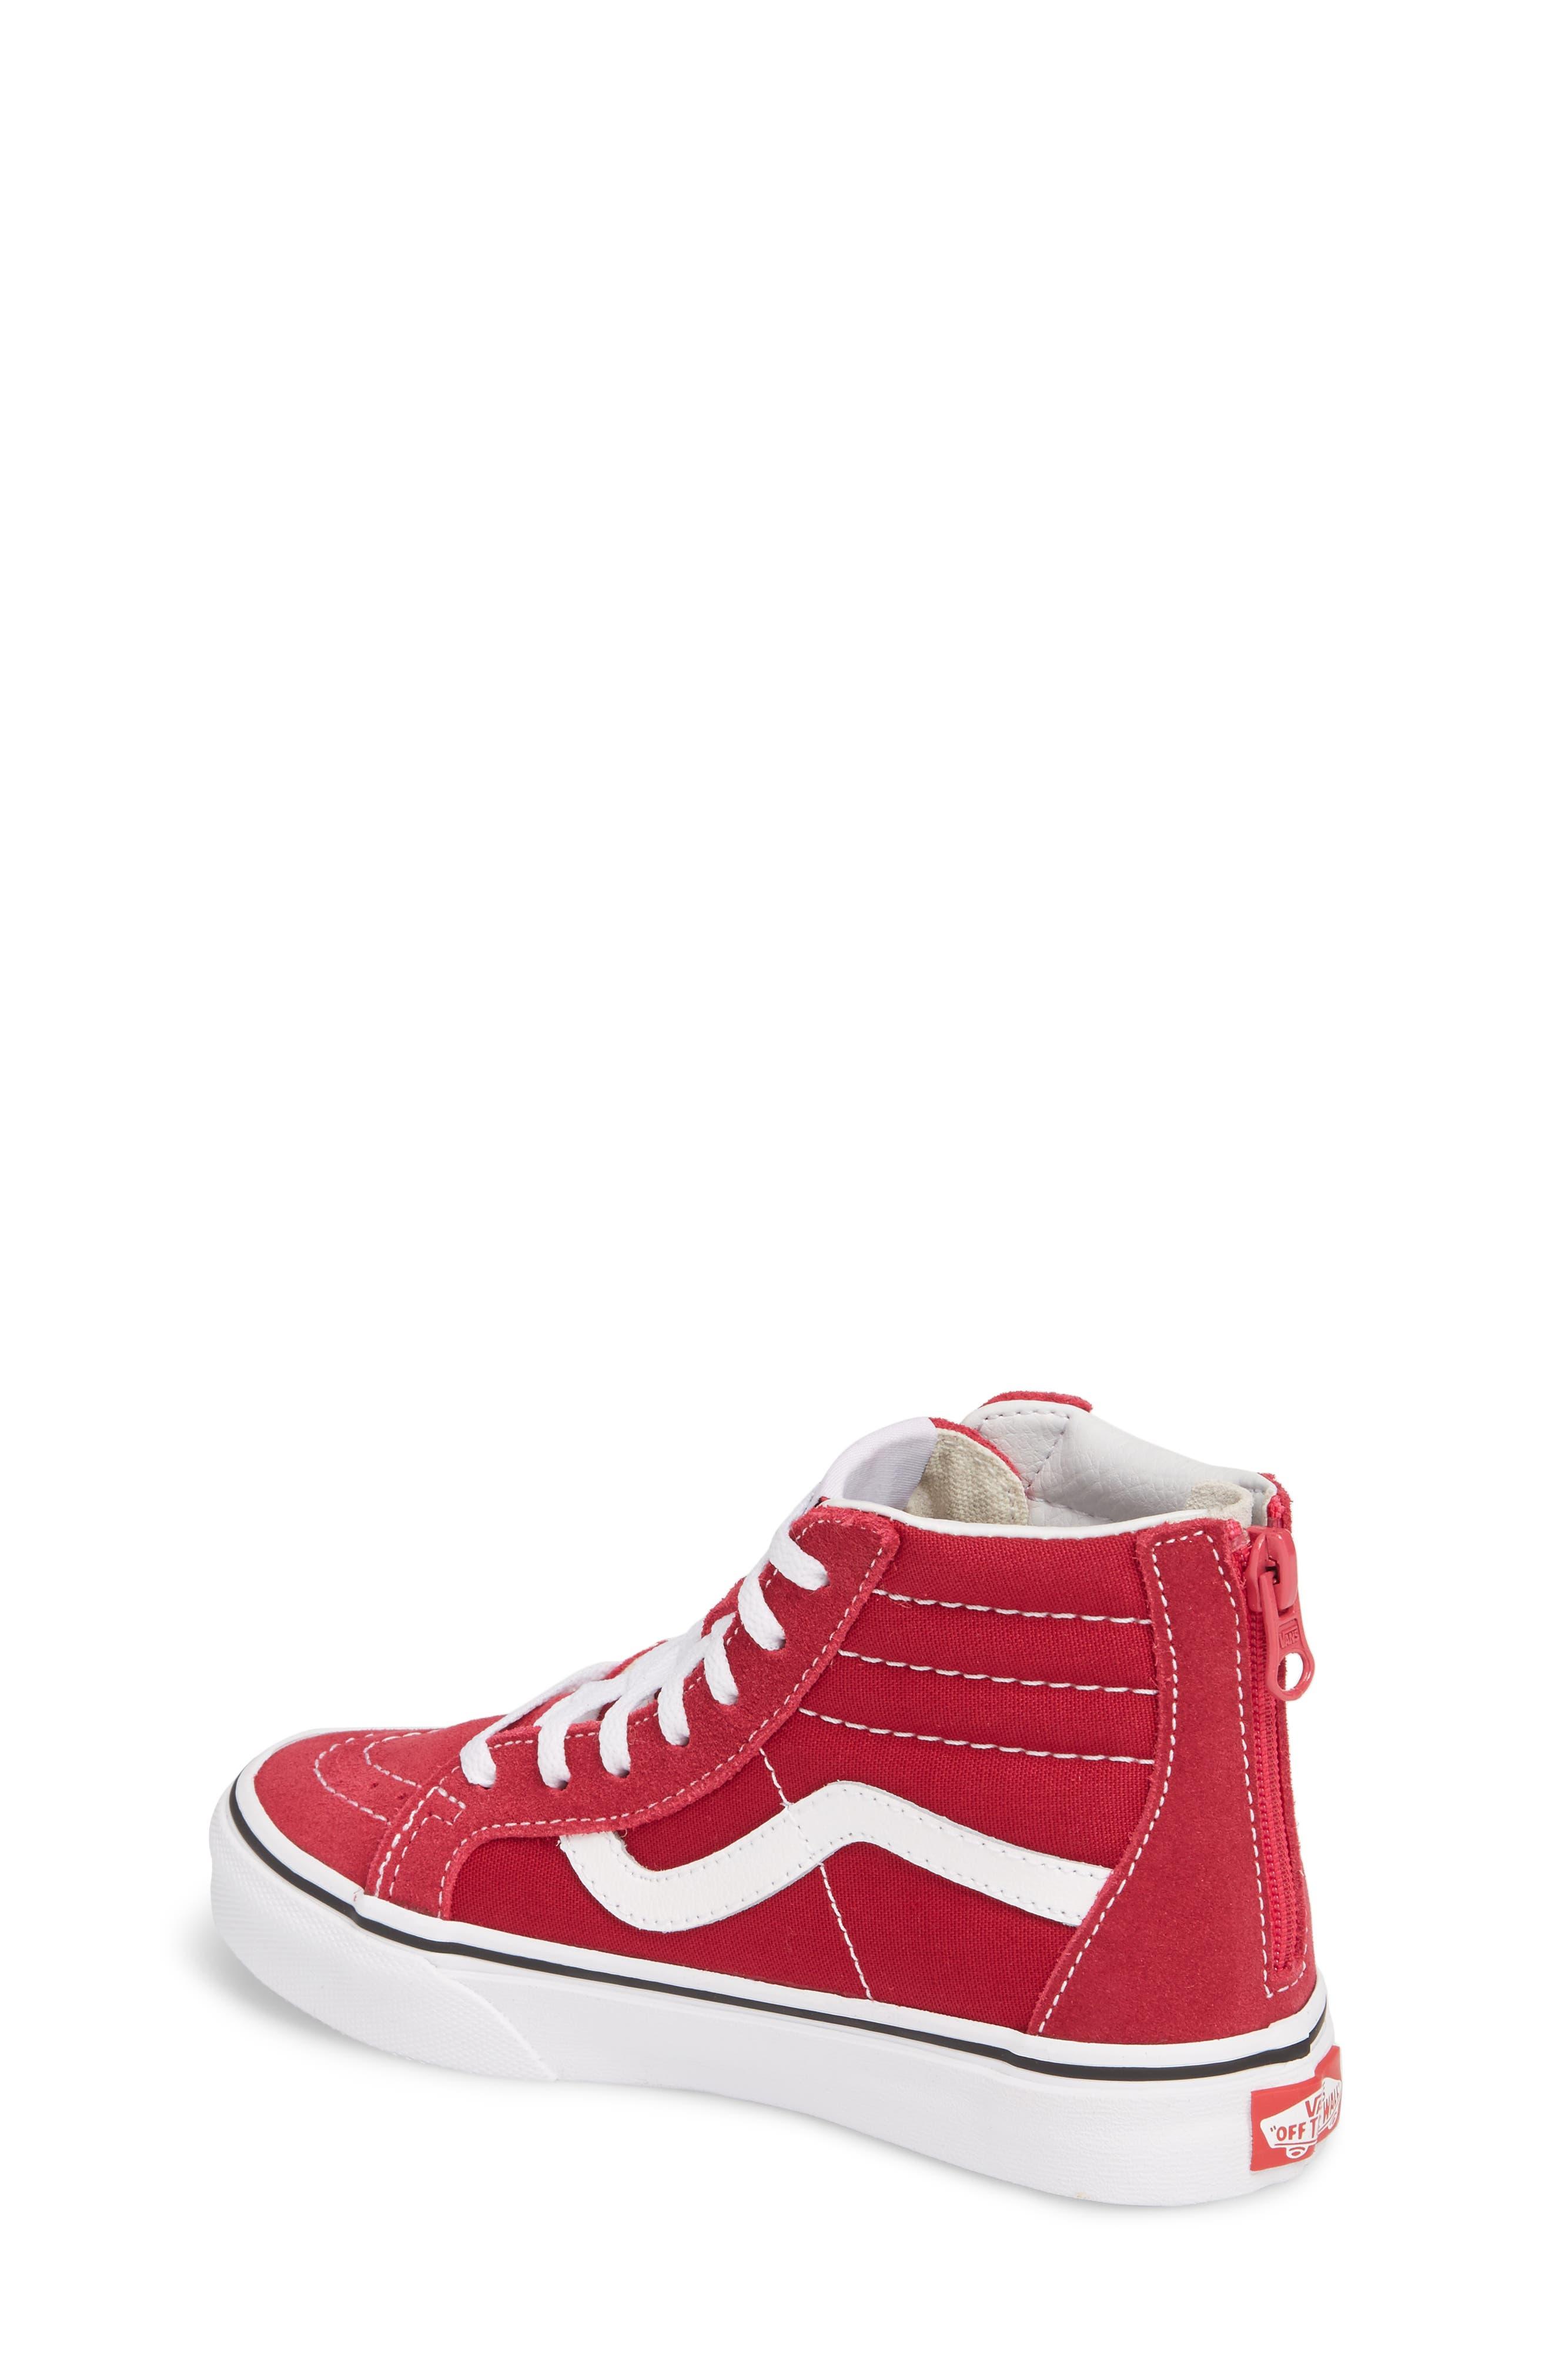 'Sk8-Hi' Zip Sneaker,                             Alternate thumbnail 2, color,                             Persian Red/ True White